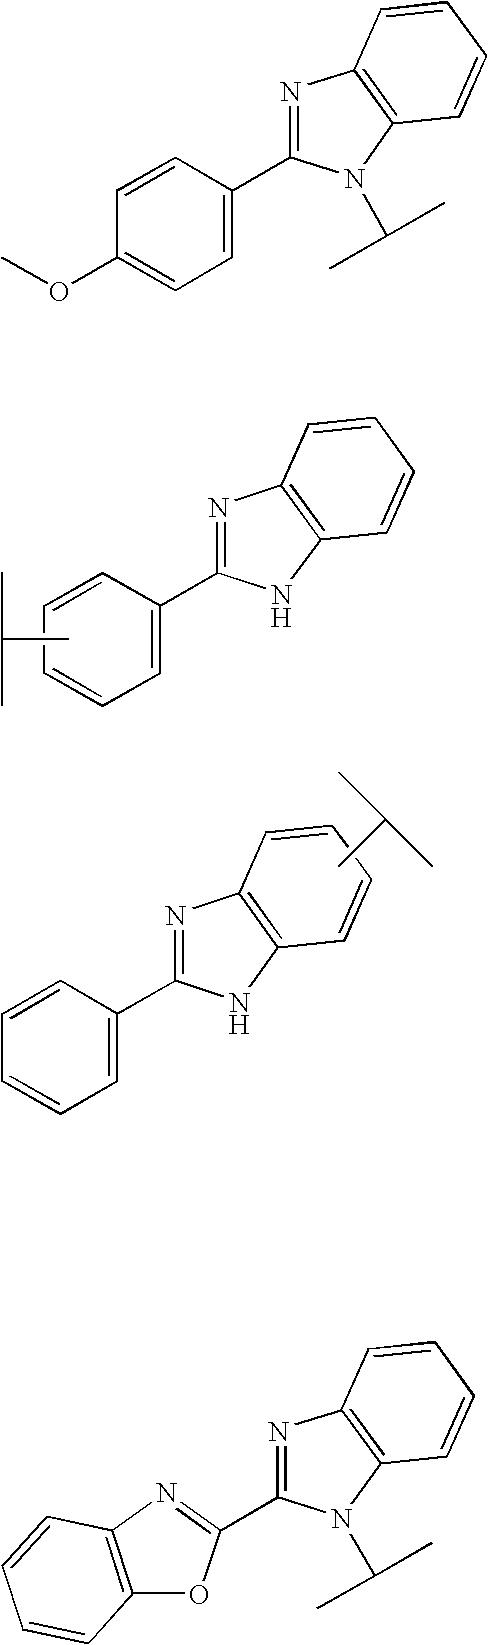 Figure US07988953-20110802-C00011